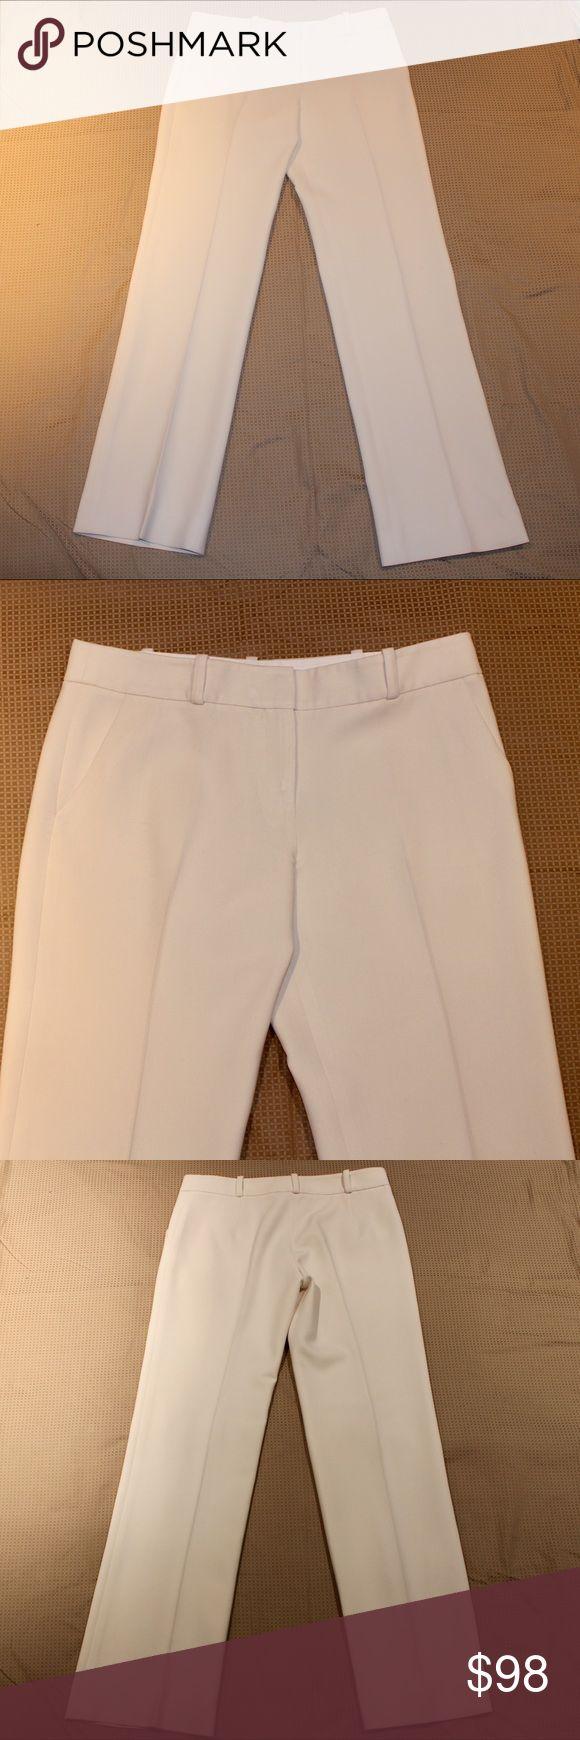 Giorgio Armani white trousers Excellent condition Giorgio Armani Pants Trousers